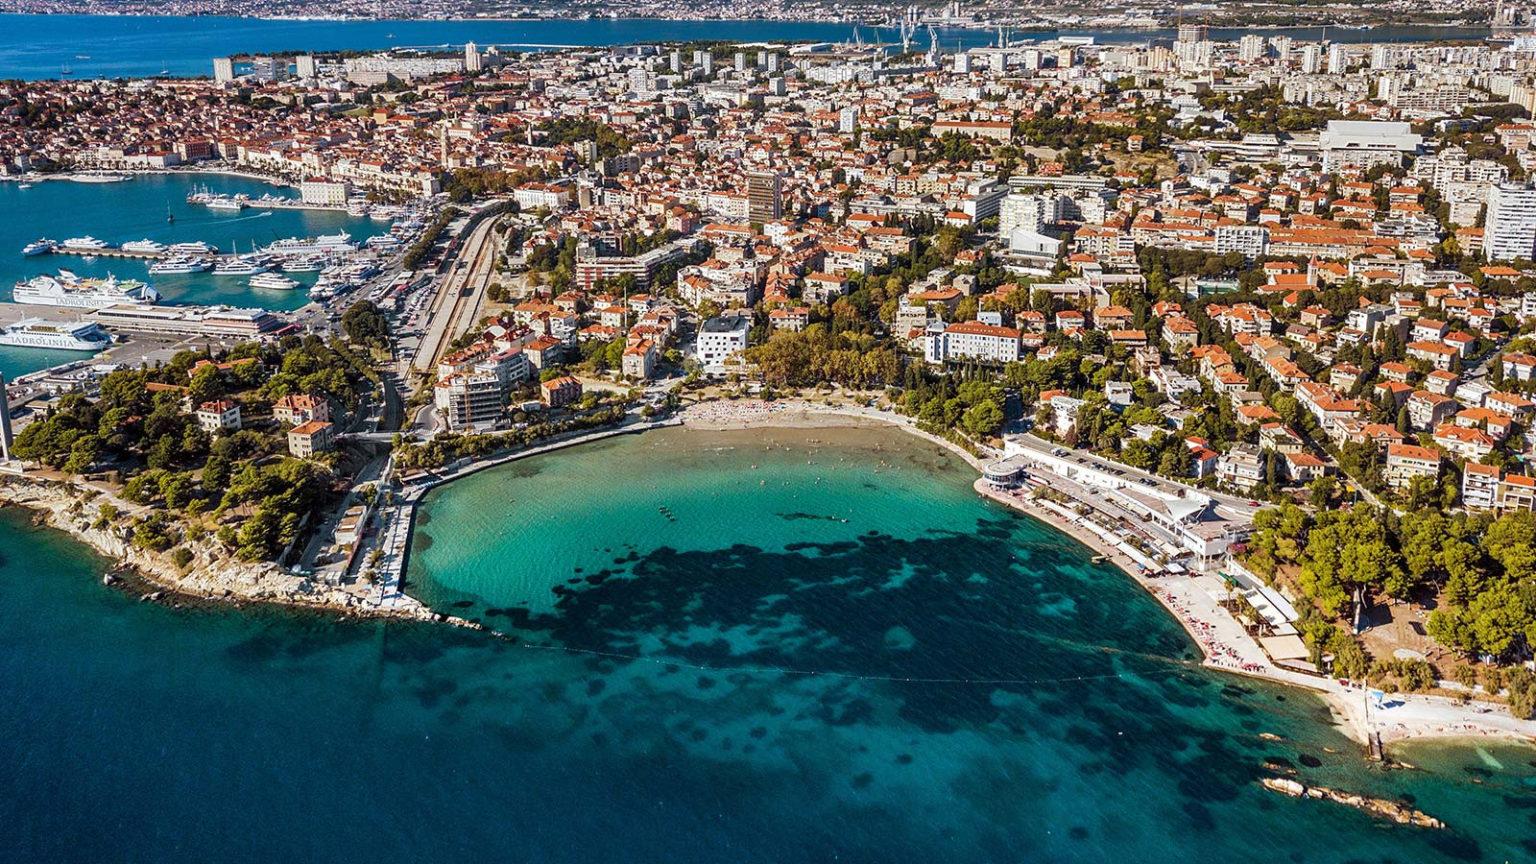 kroatija splitas bacvice papludimys